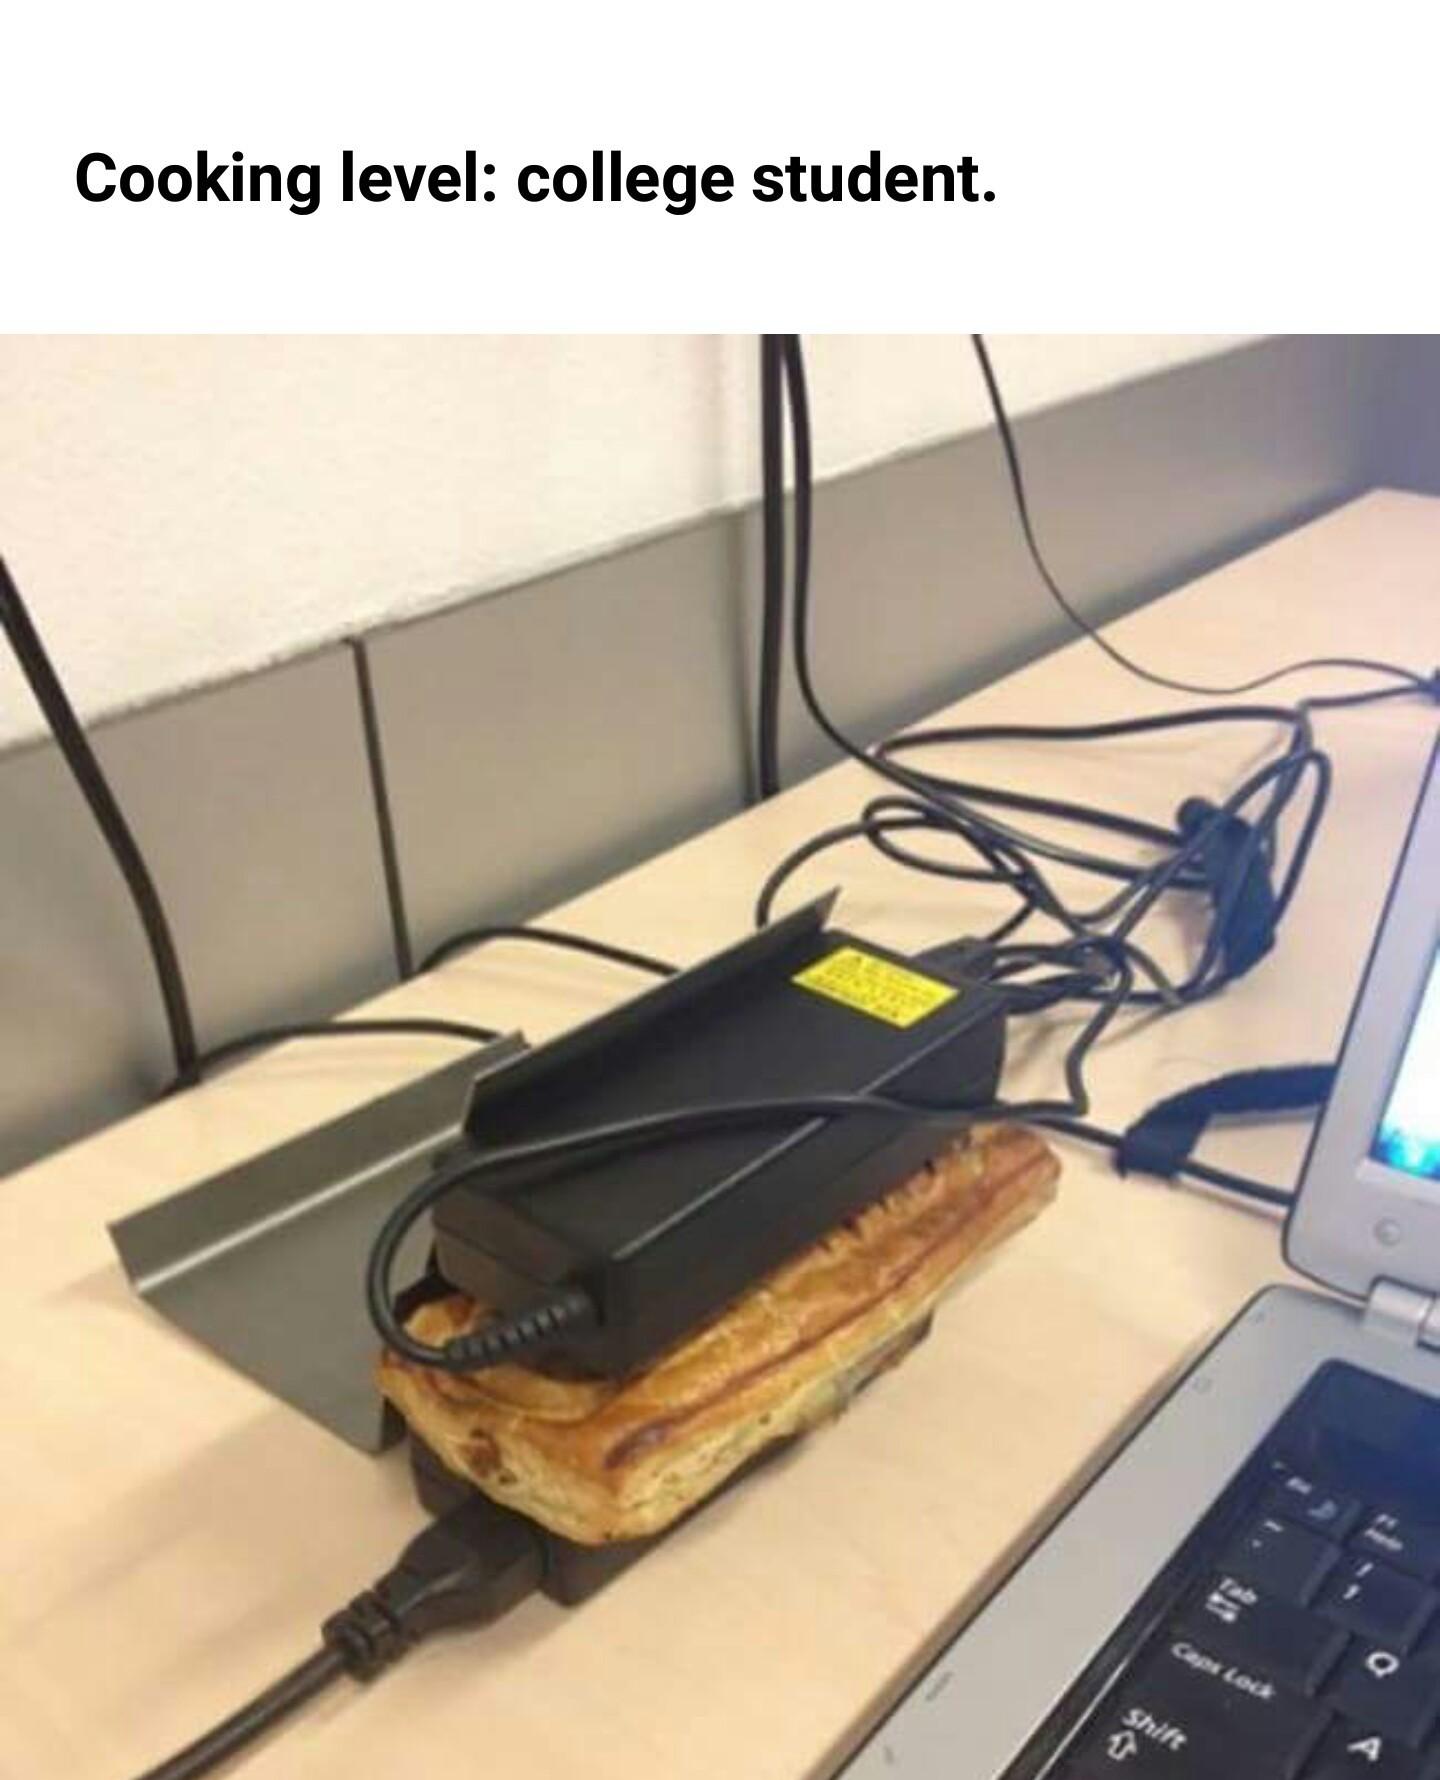 Best way to cook - meme